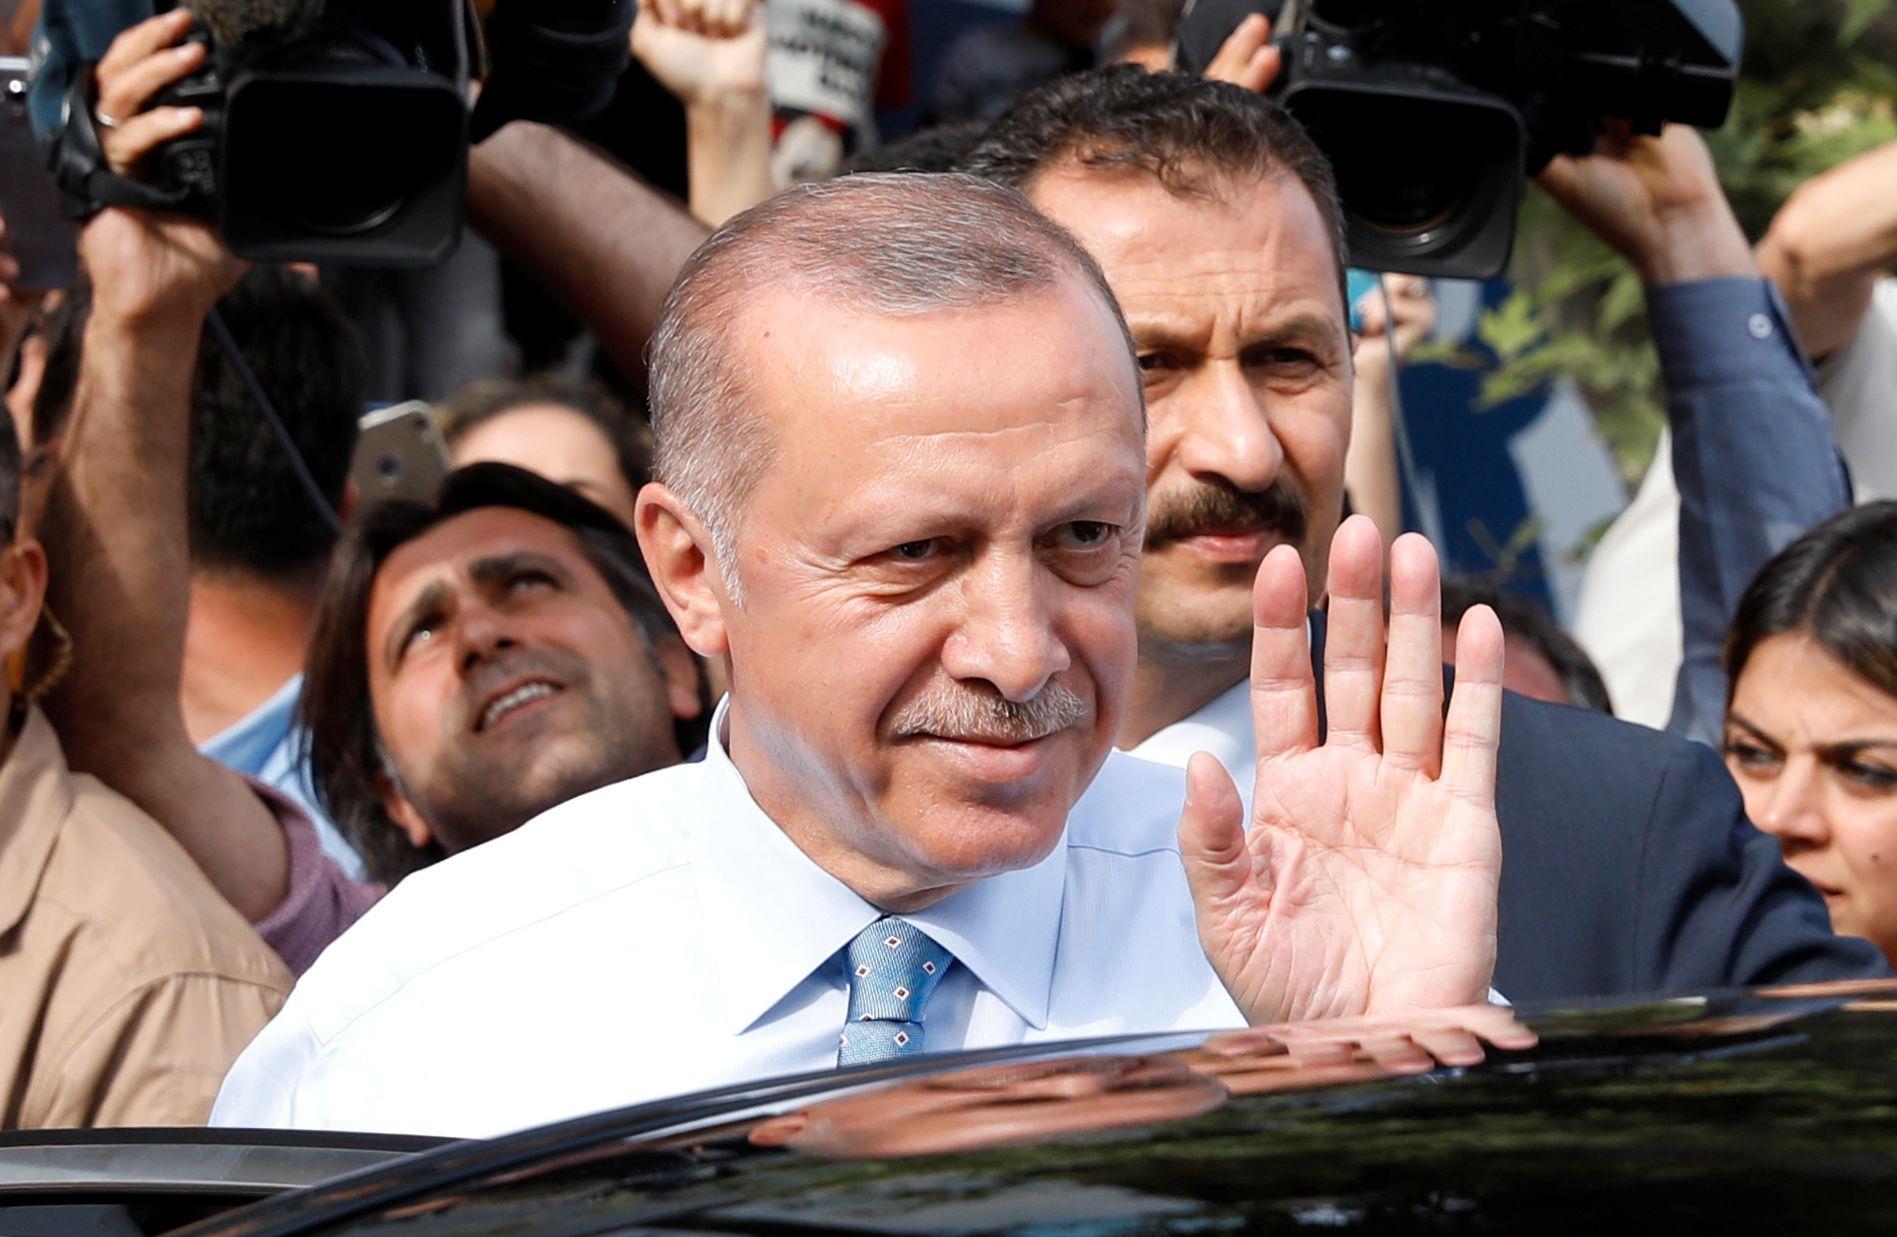 VIL BLI GJENVALGT: Recep Tayyip Erdogan vinket til sine tilhengere idet han forlot sitt hjem i Istanbul på valgdagen.